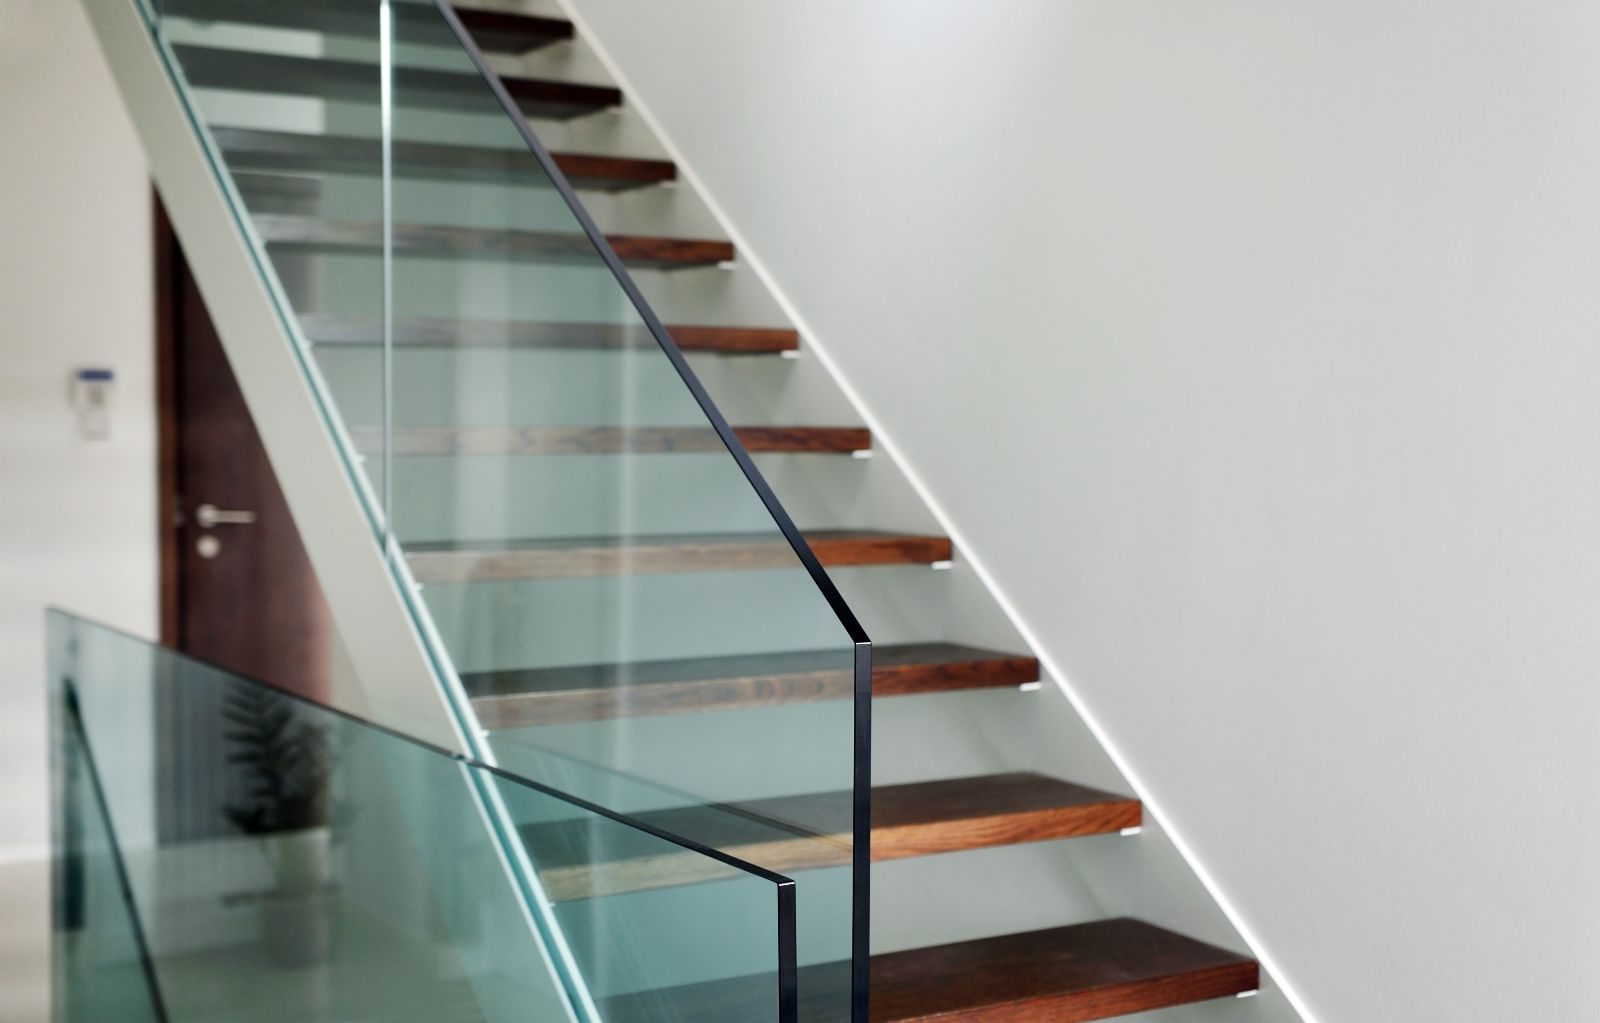 Arten von Glasgeländern: Edelstahlgeländer mit Glas, Ganzglasgeländer und französischer Balkon